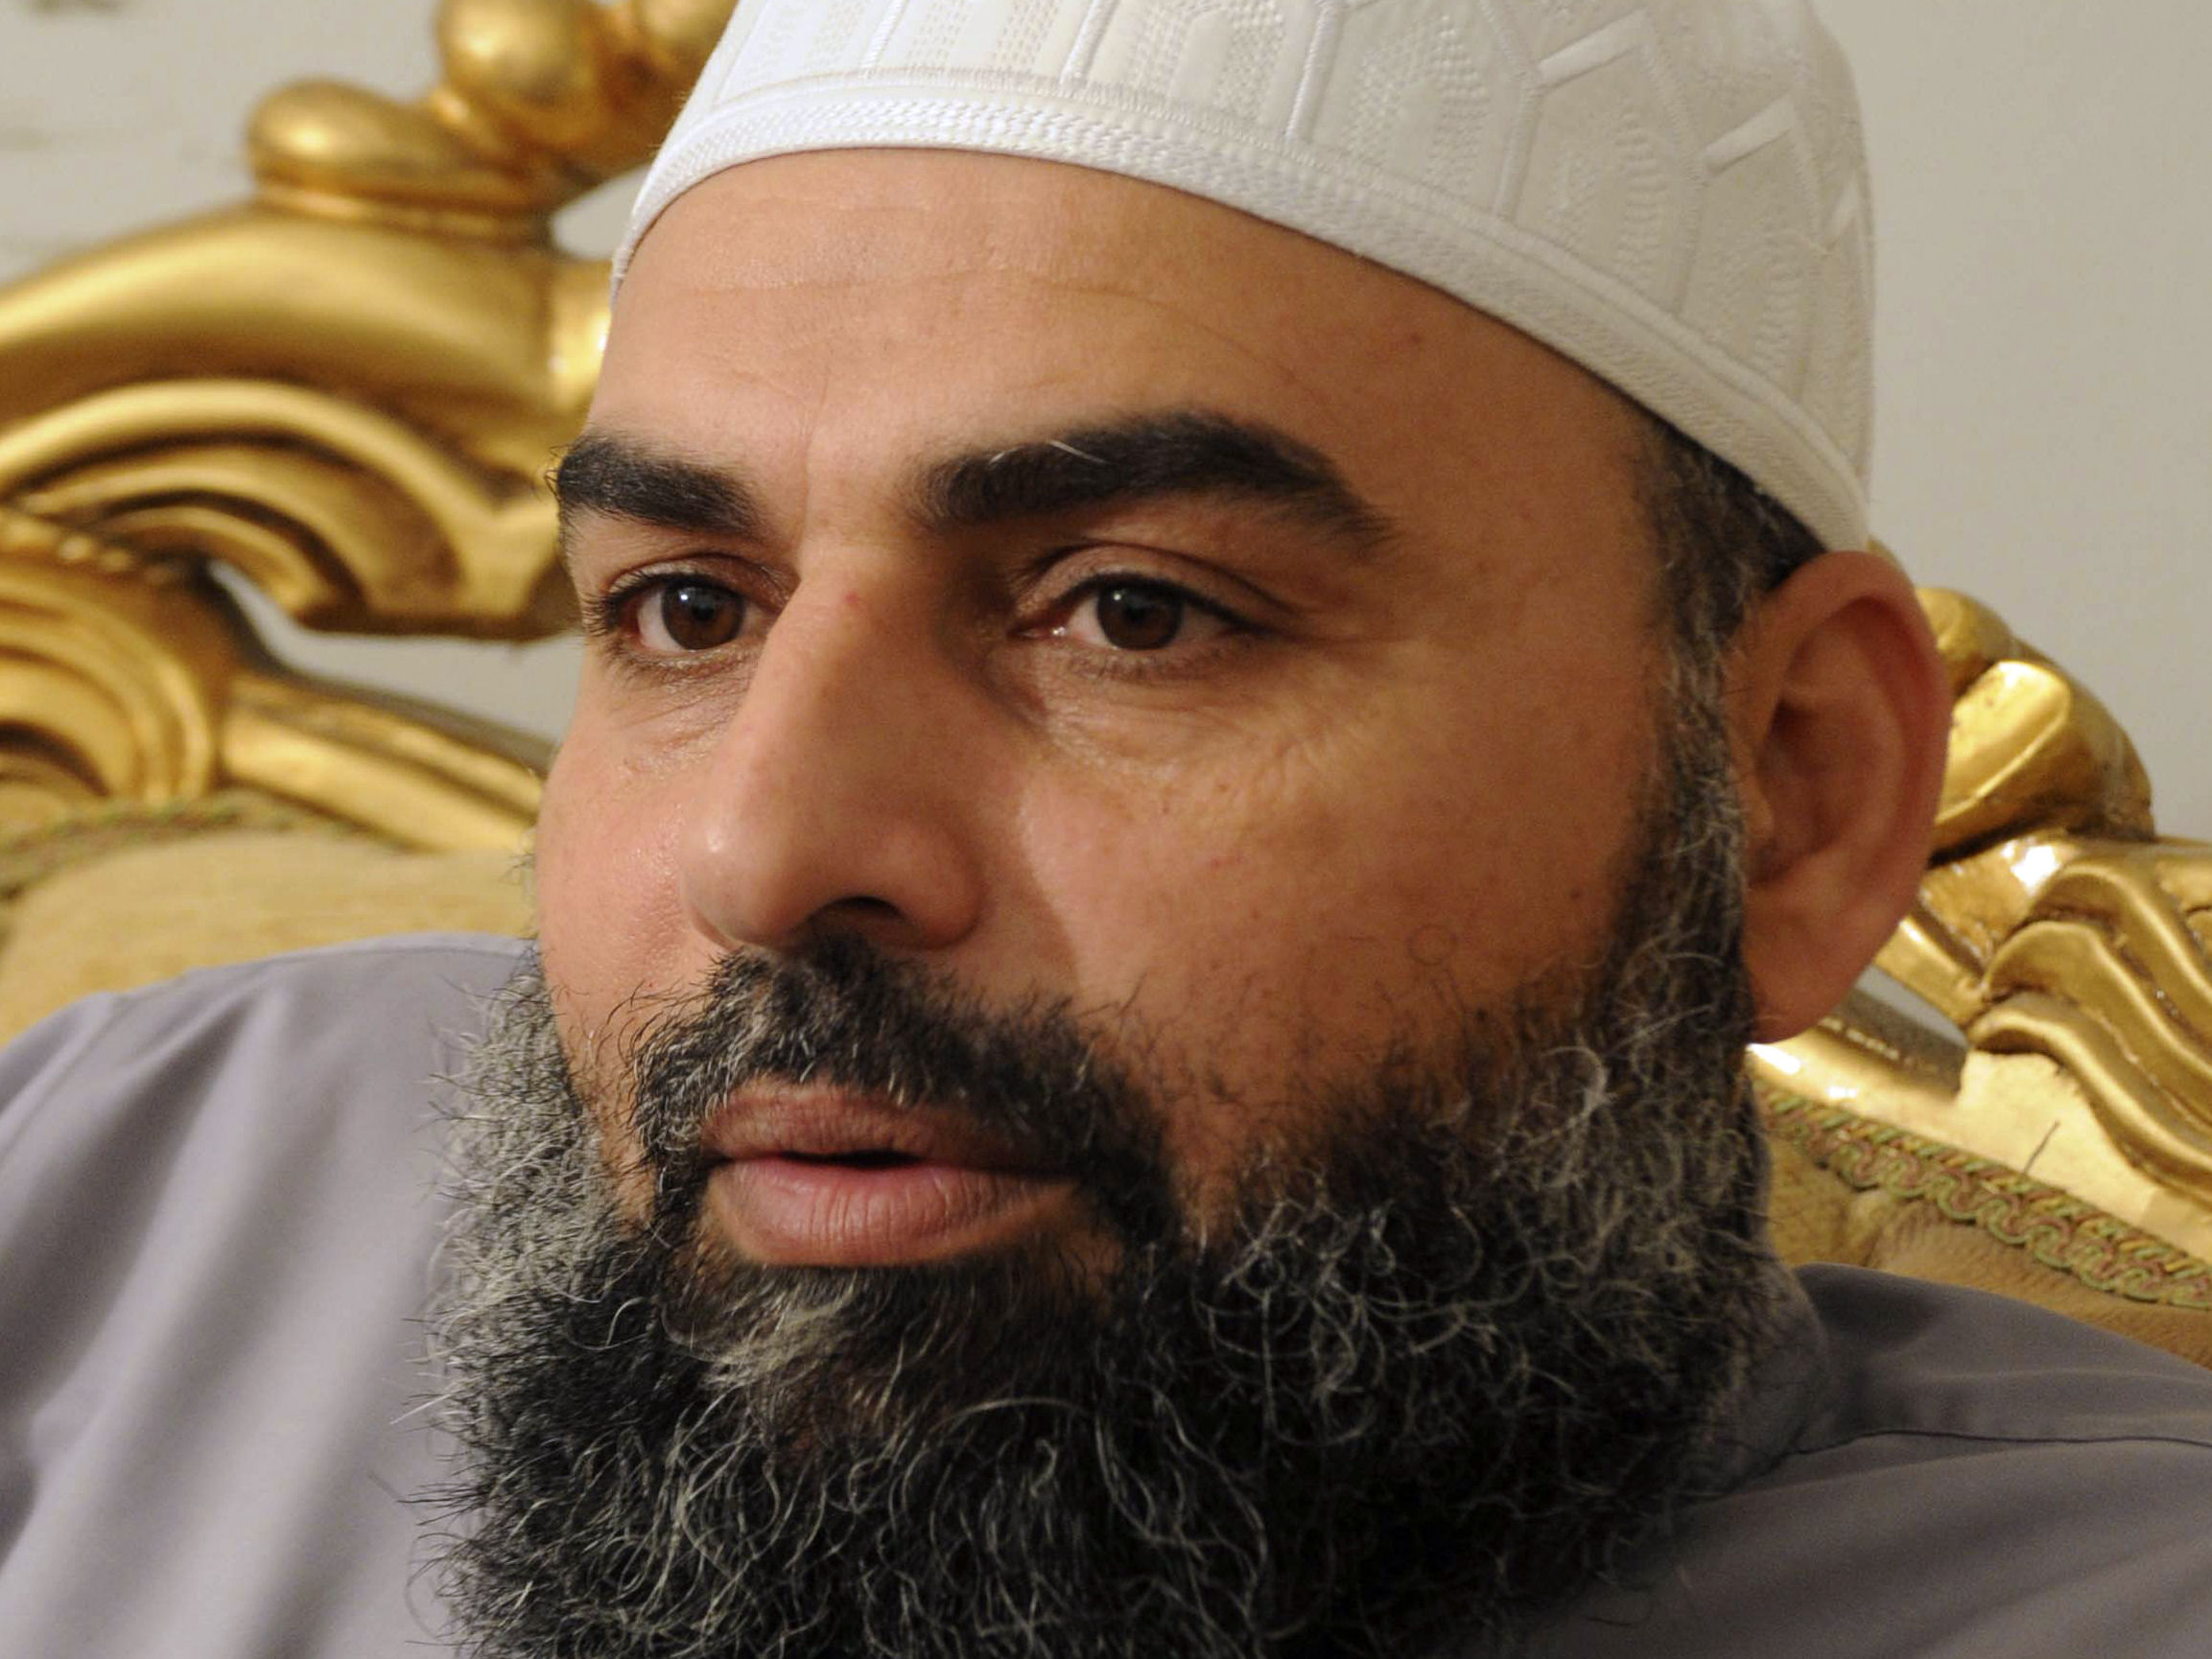 Iman Abu Omar